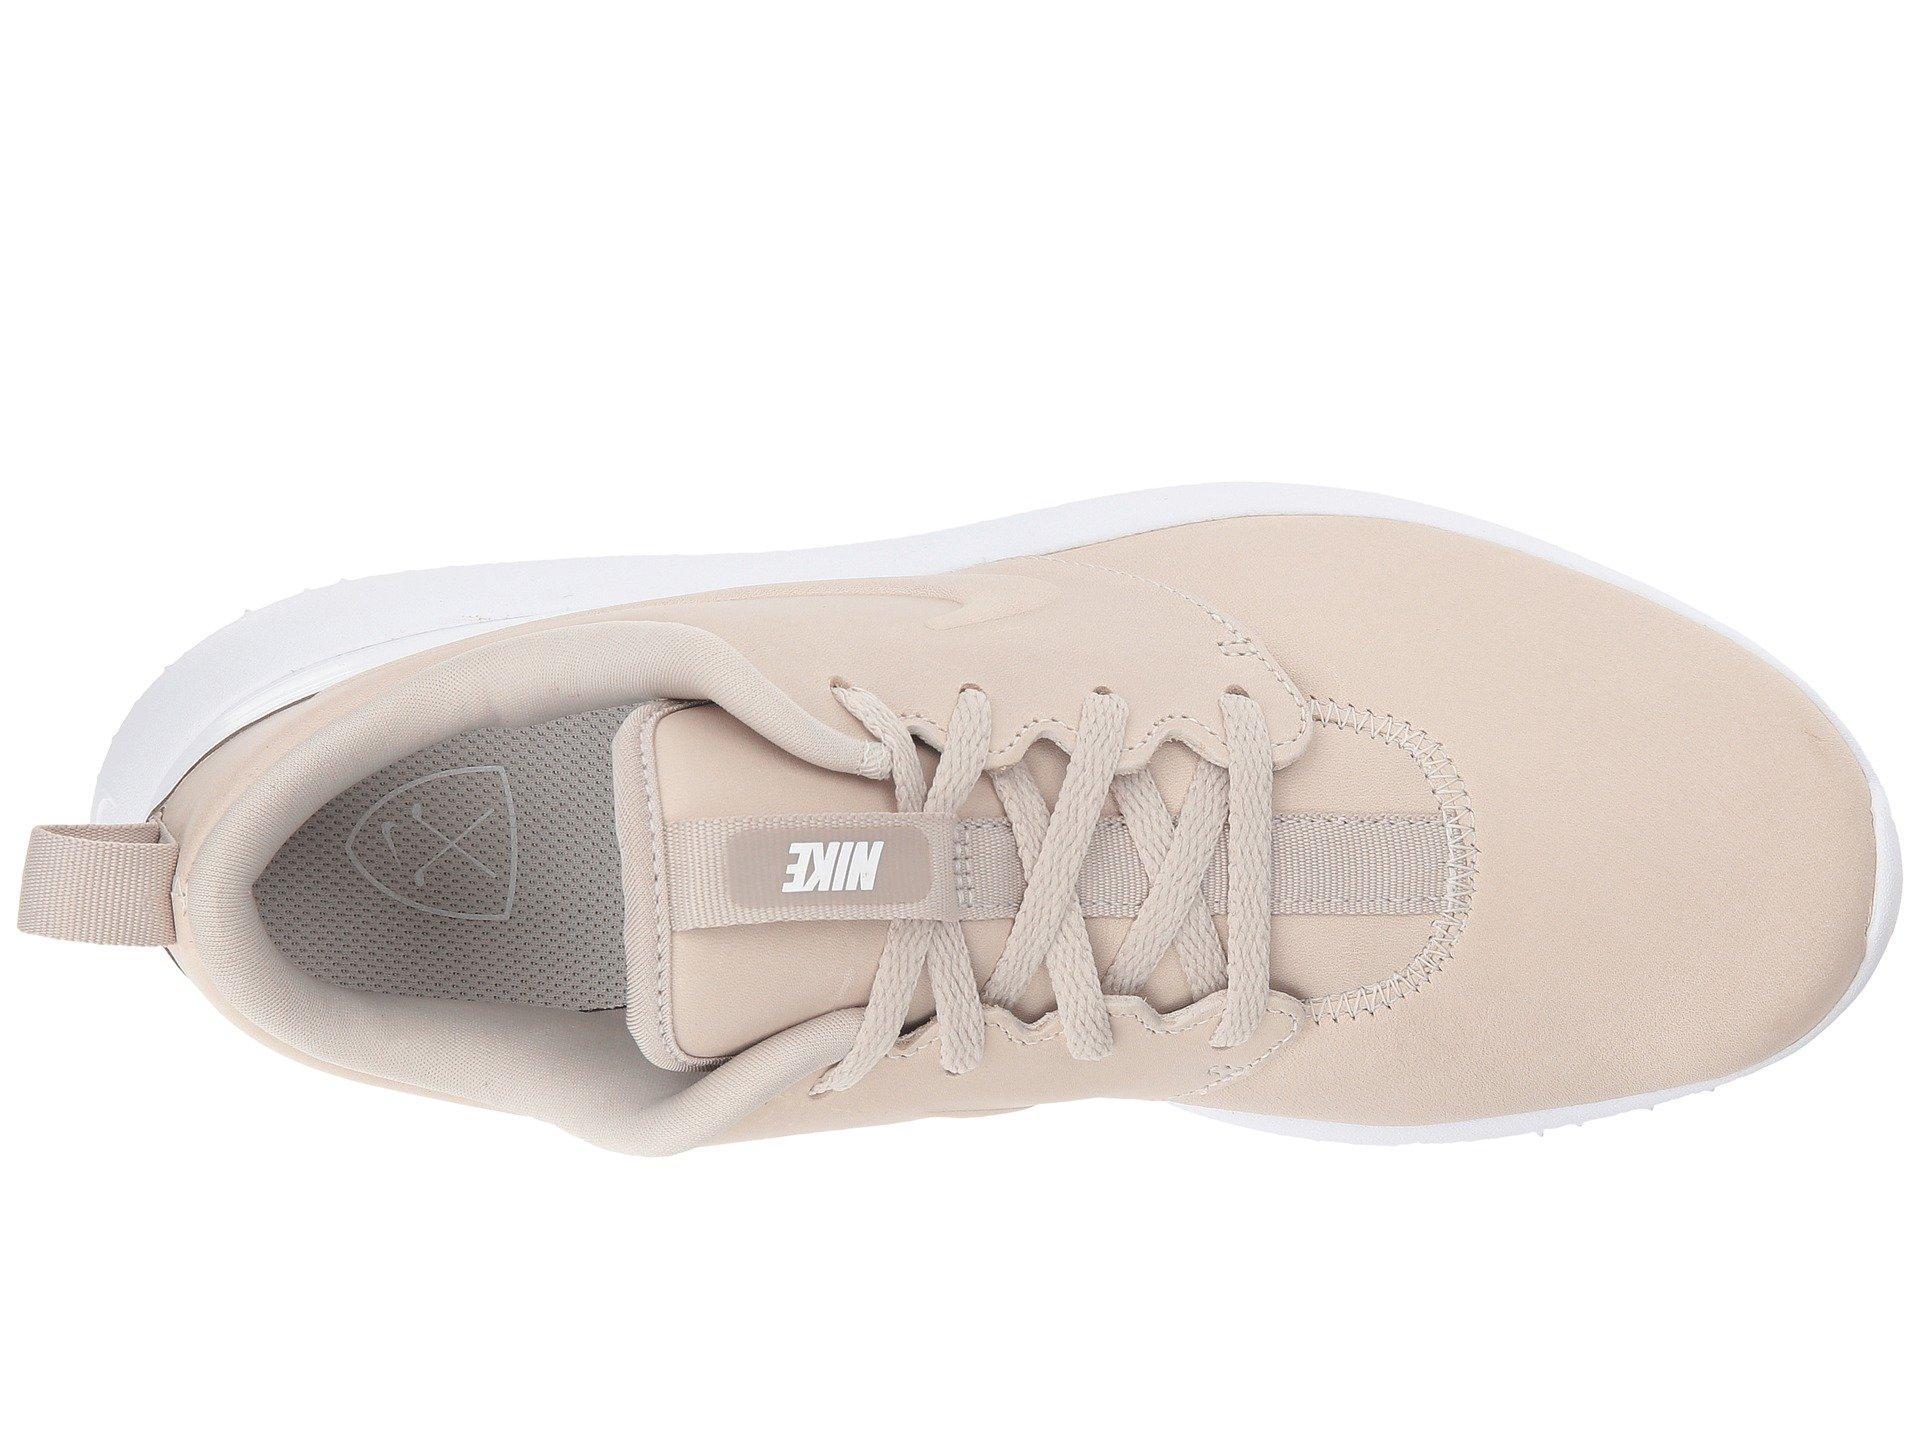 new style 21d97 f339d Nike - White Roshe G Prm - Lyst. View fullscreen